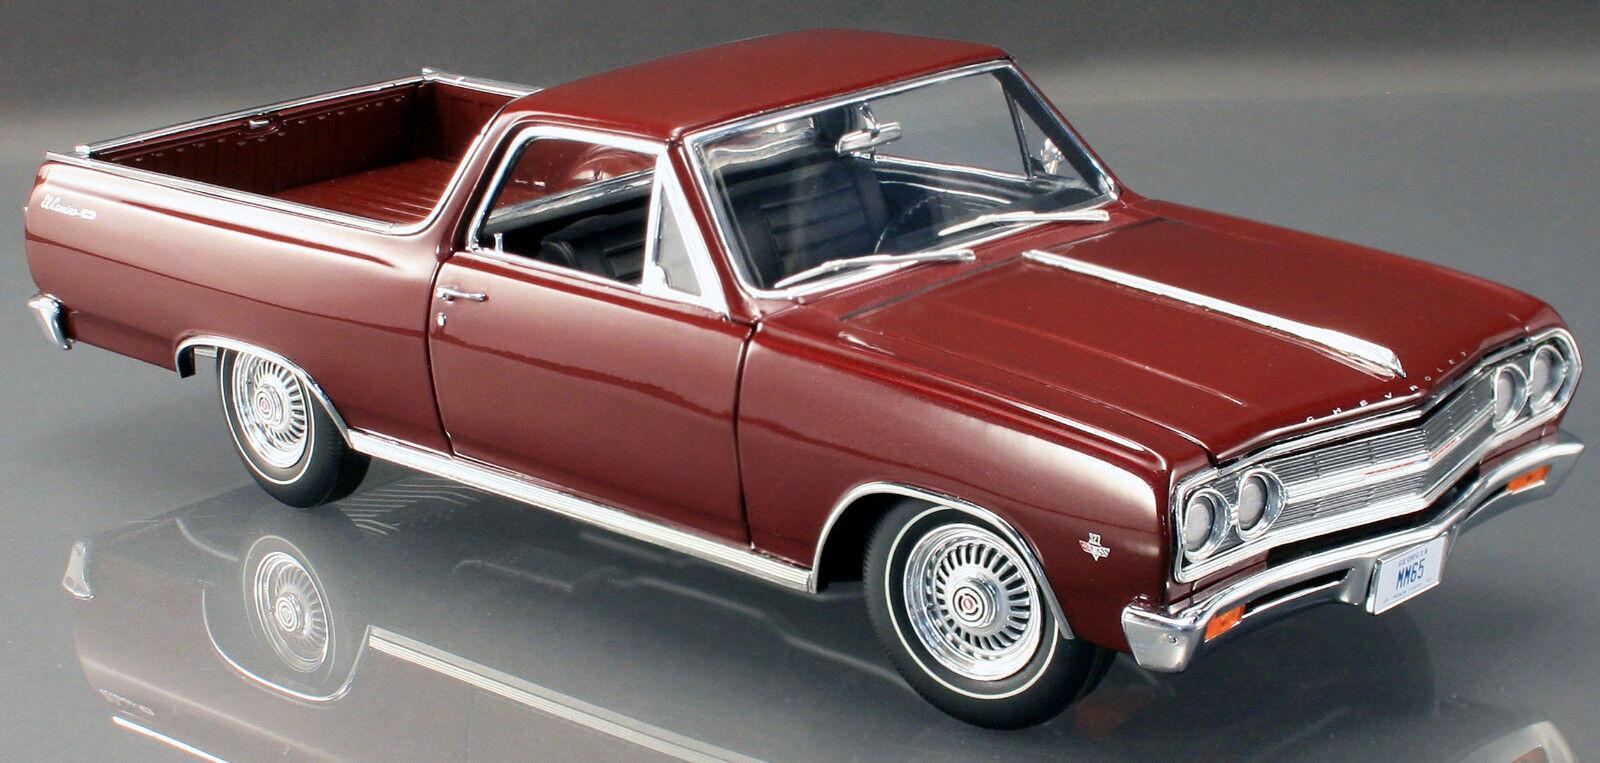 1965 Chevelle Maroon 1 18 ACME